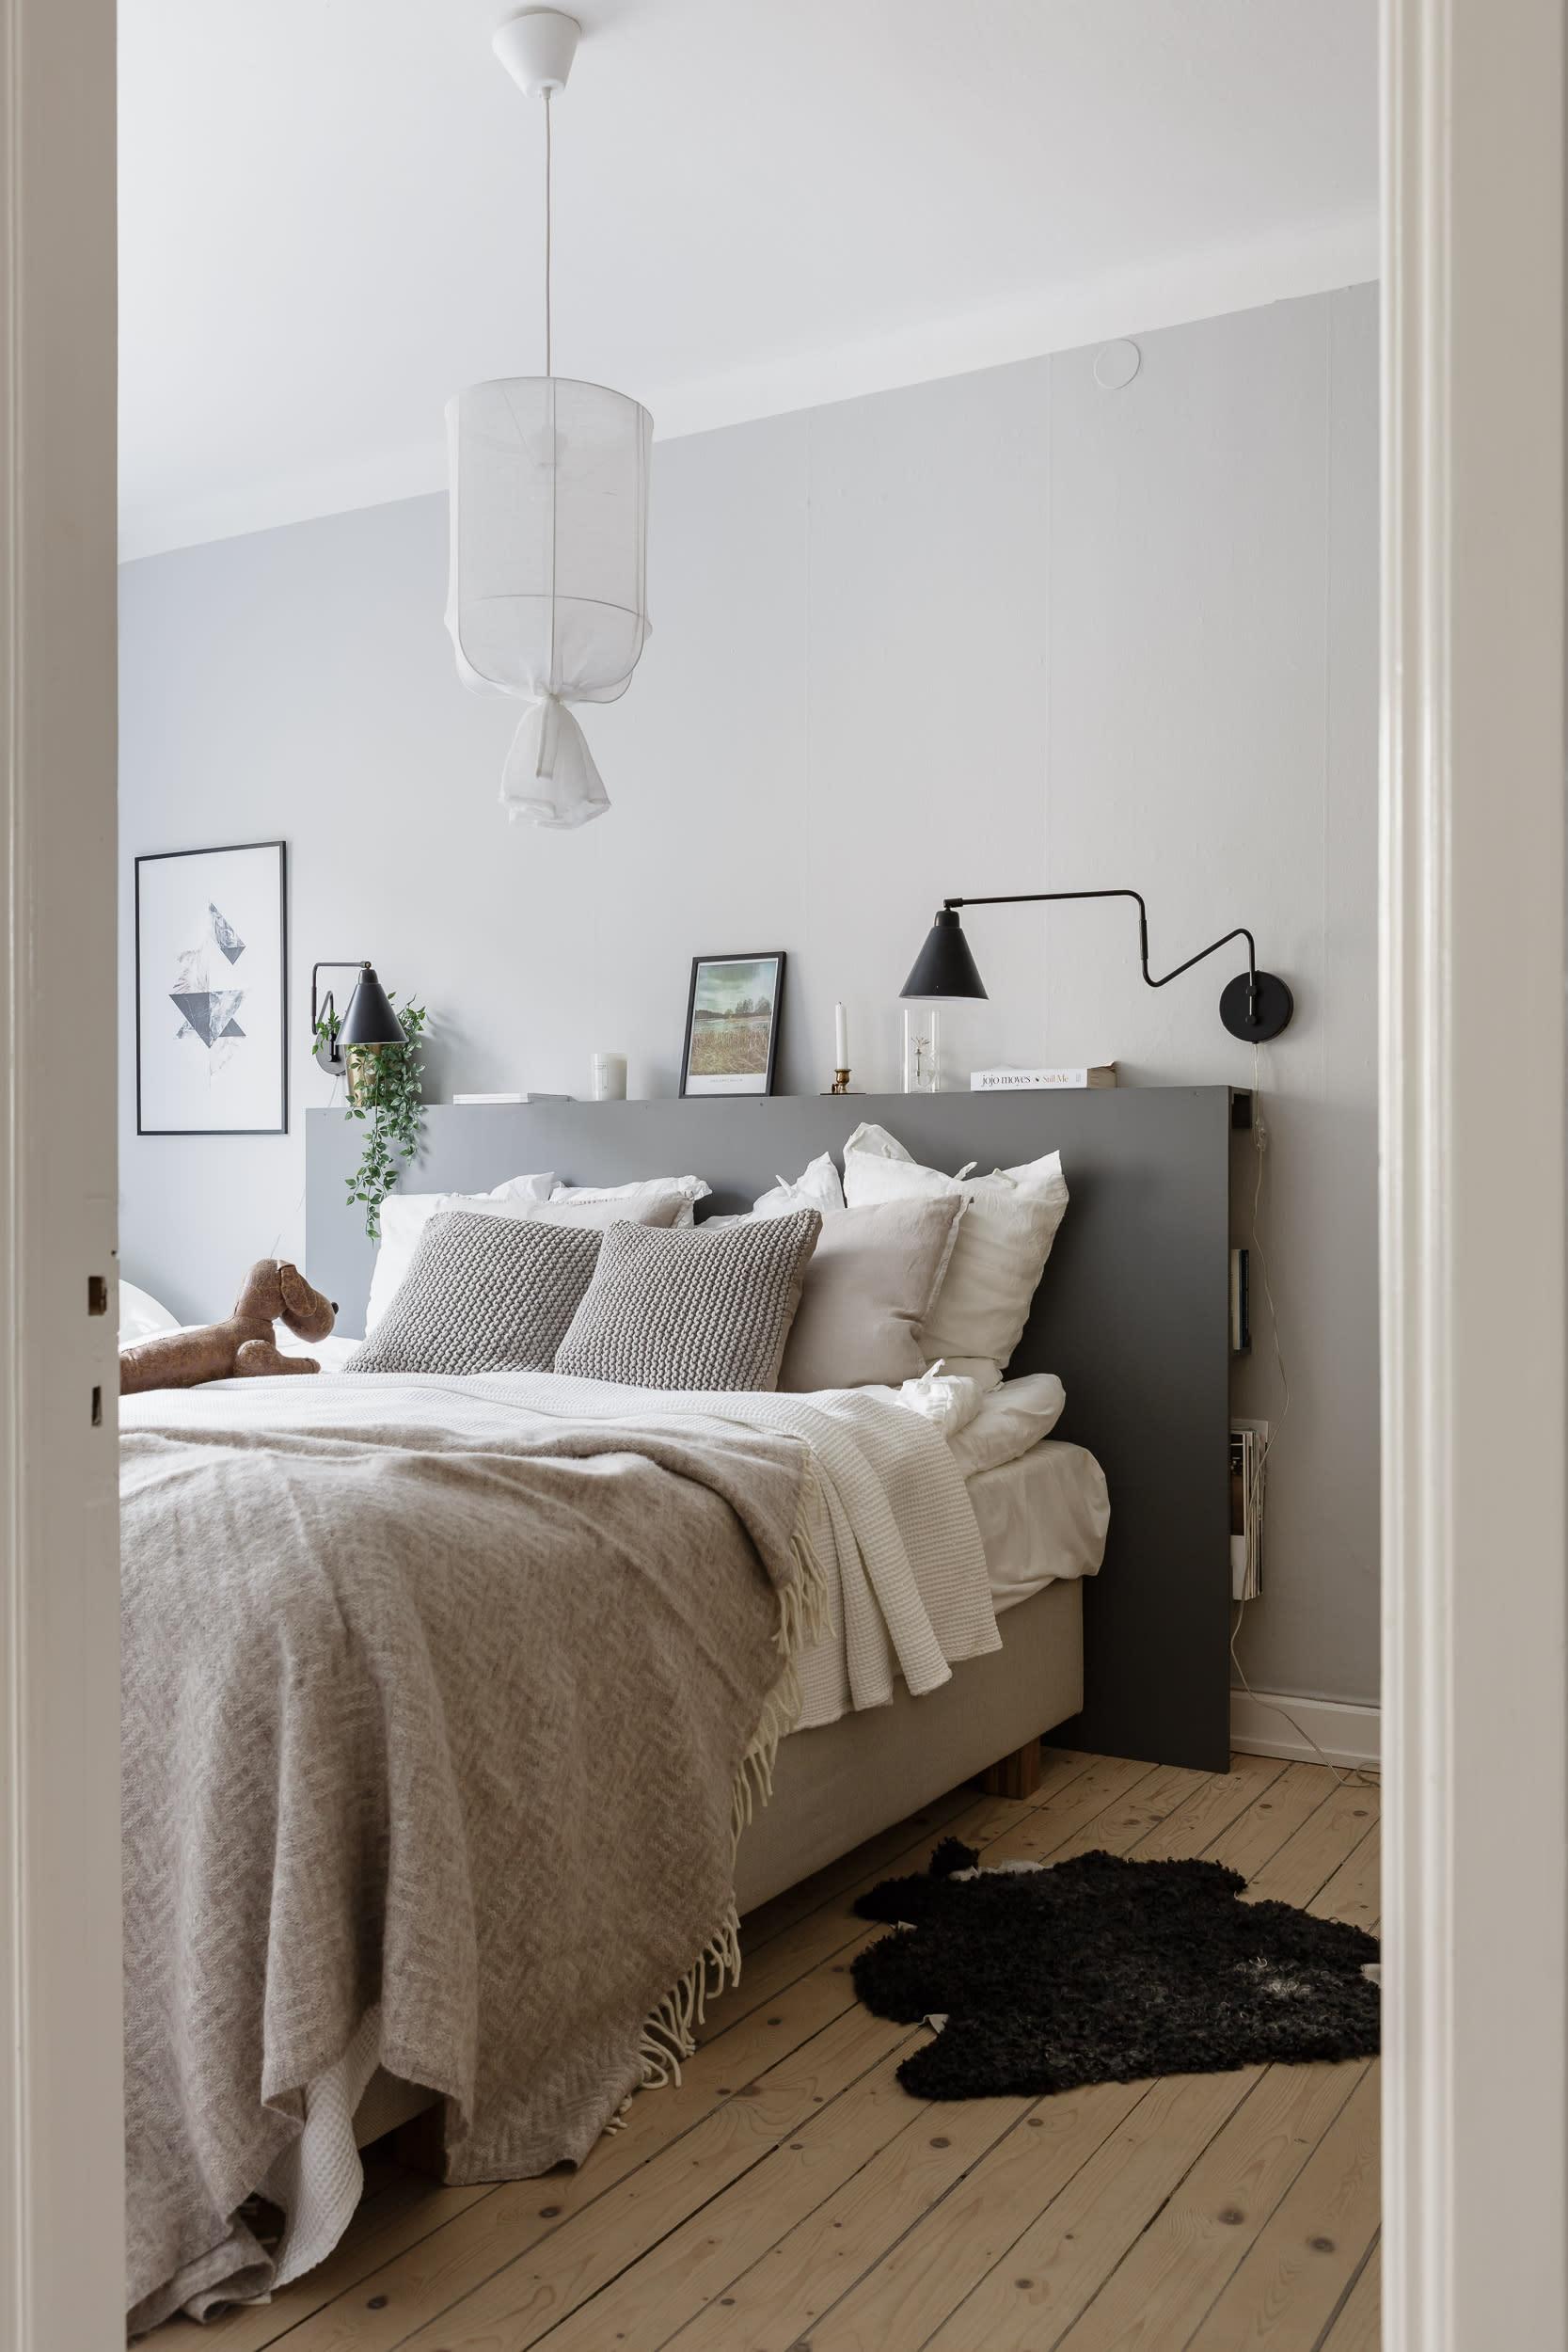 Charlotte har själv tillverkat sänggaveln avav tavellister från Ikea och en stor mdf-skiva som hon målat grå.